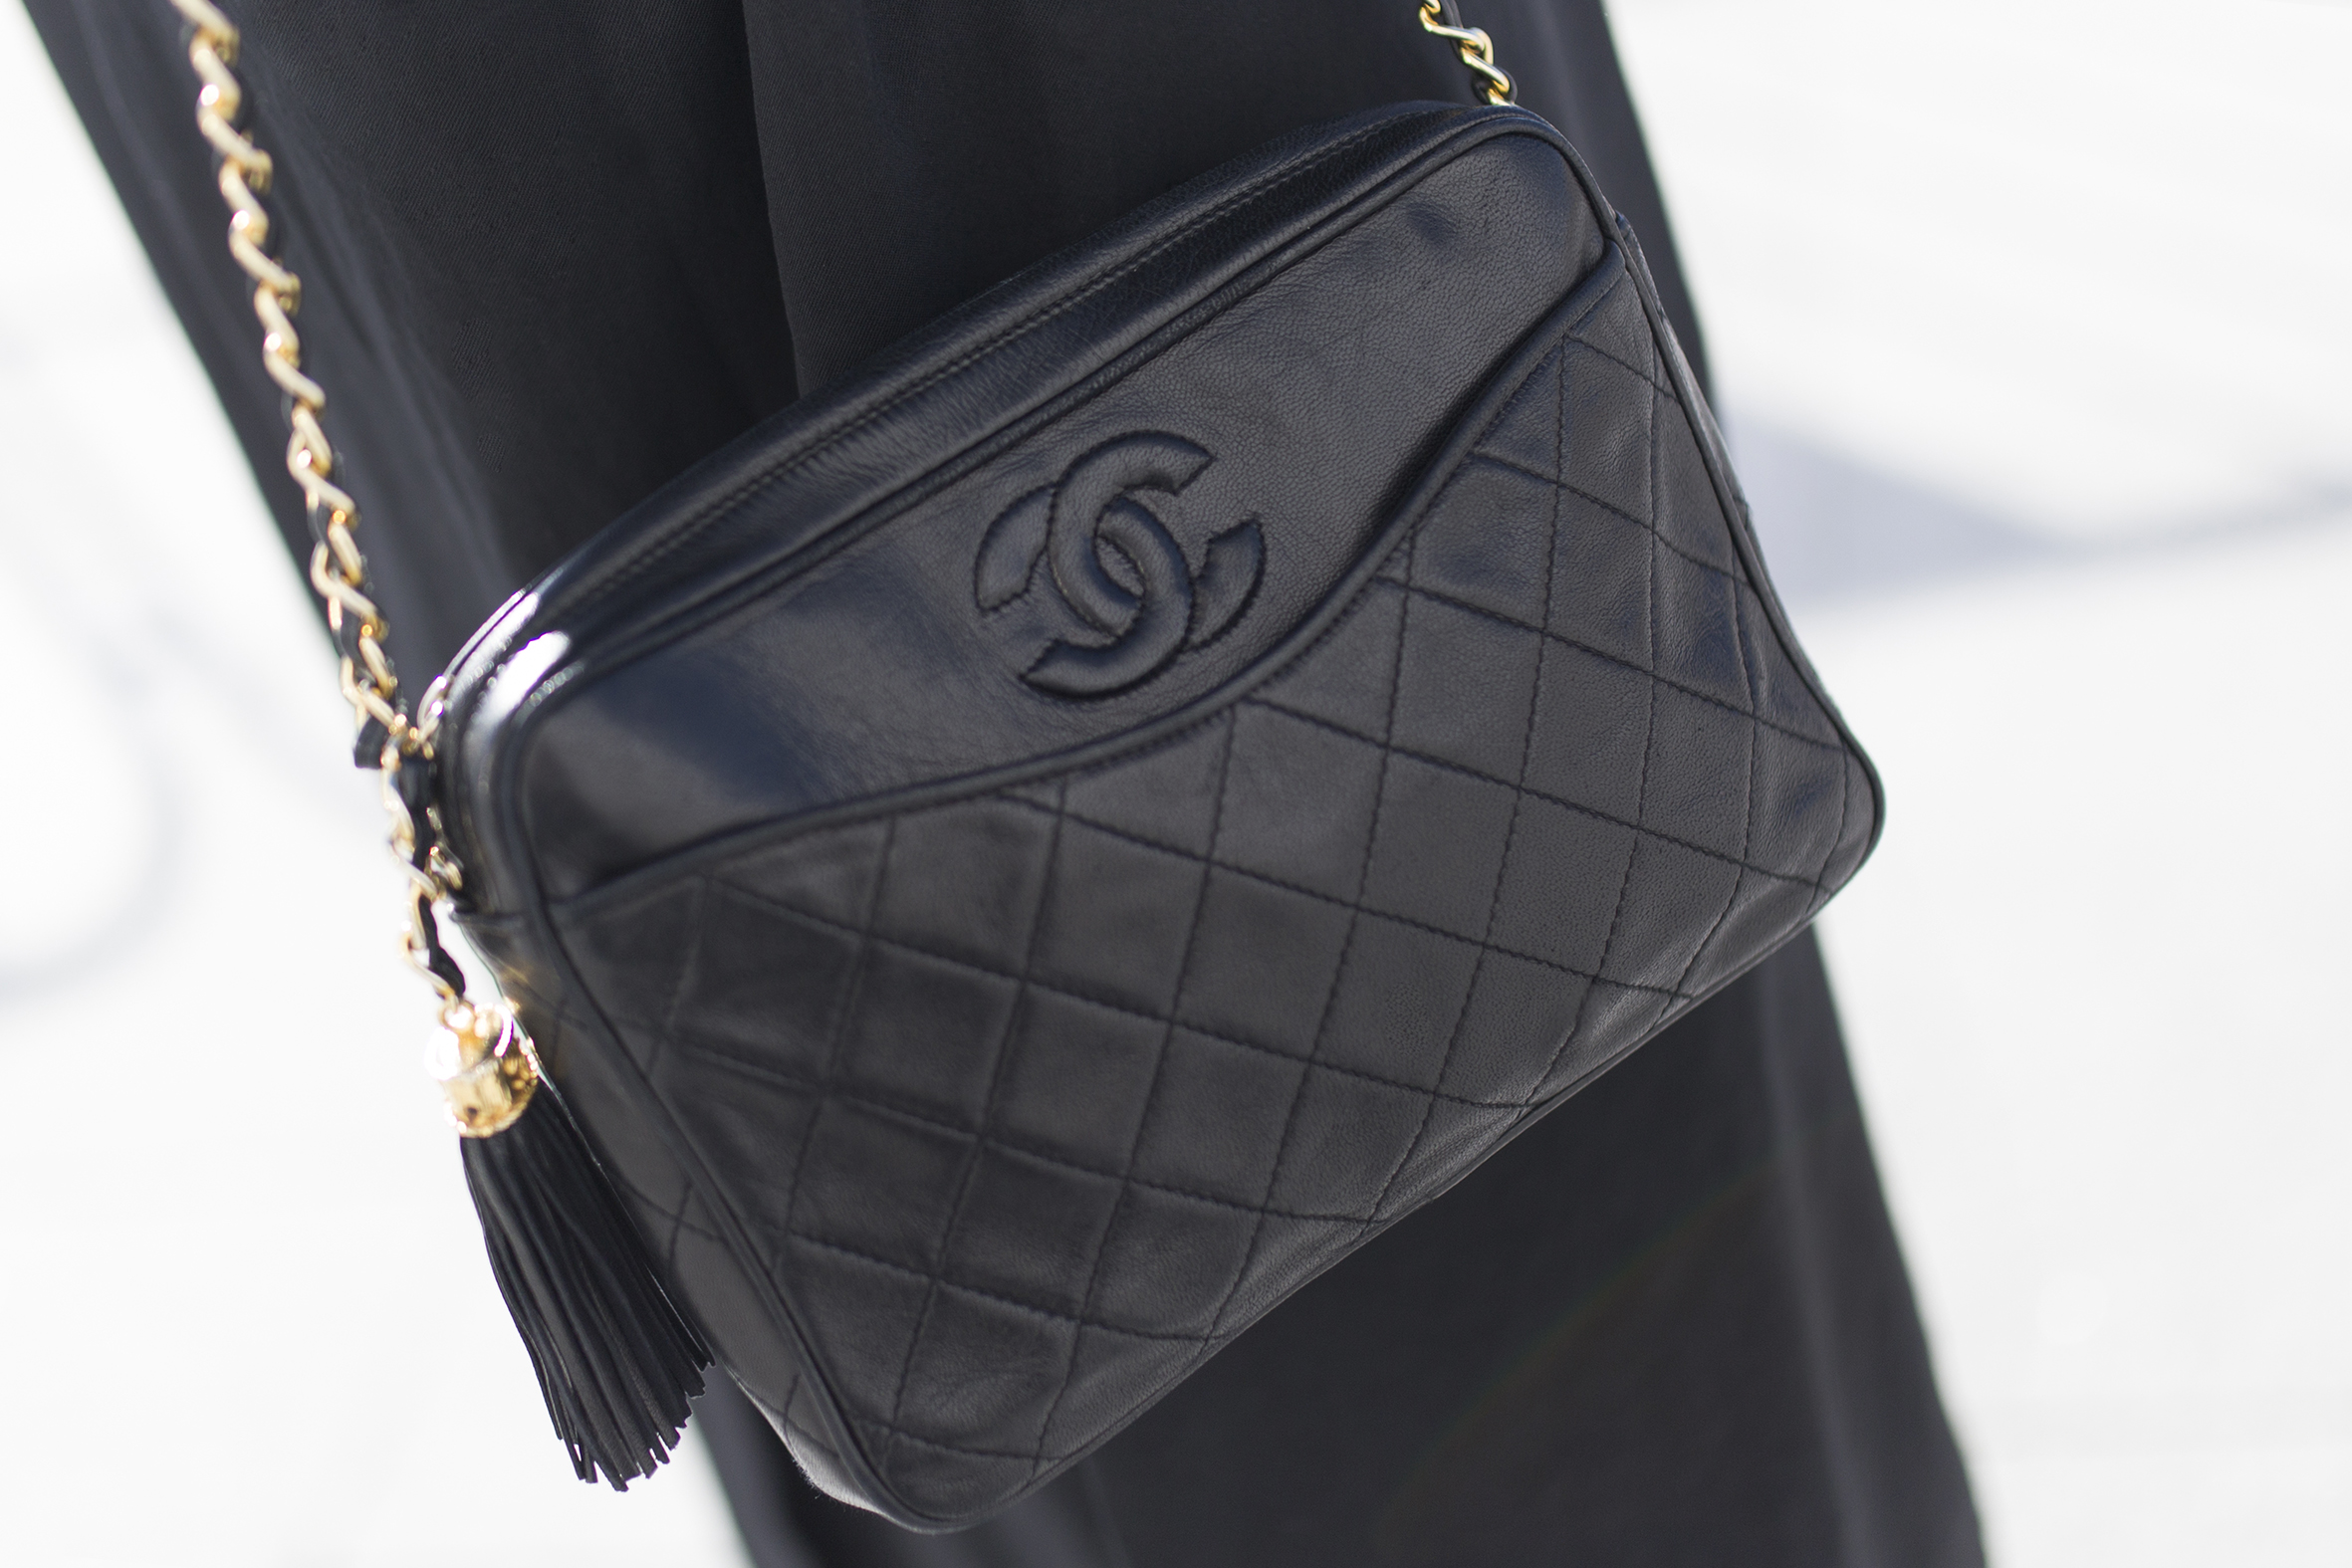 Black-chanel bag-Vintage Chanel-descalzaporelparque-blogger-coruña-Black look